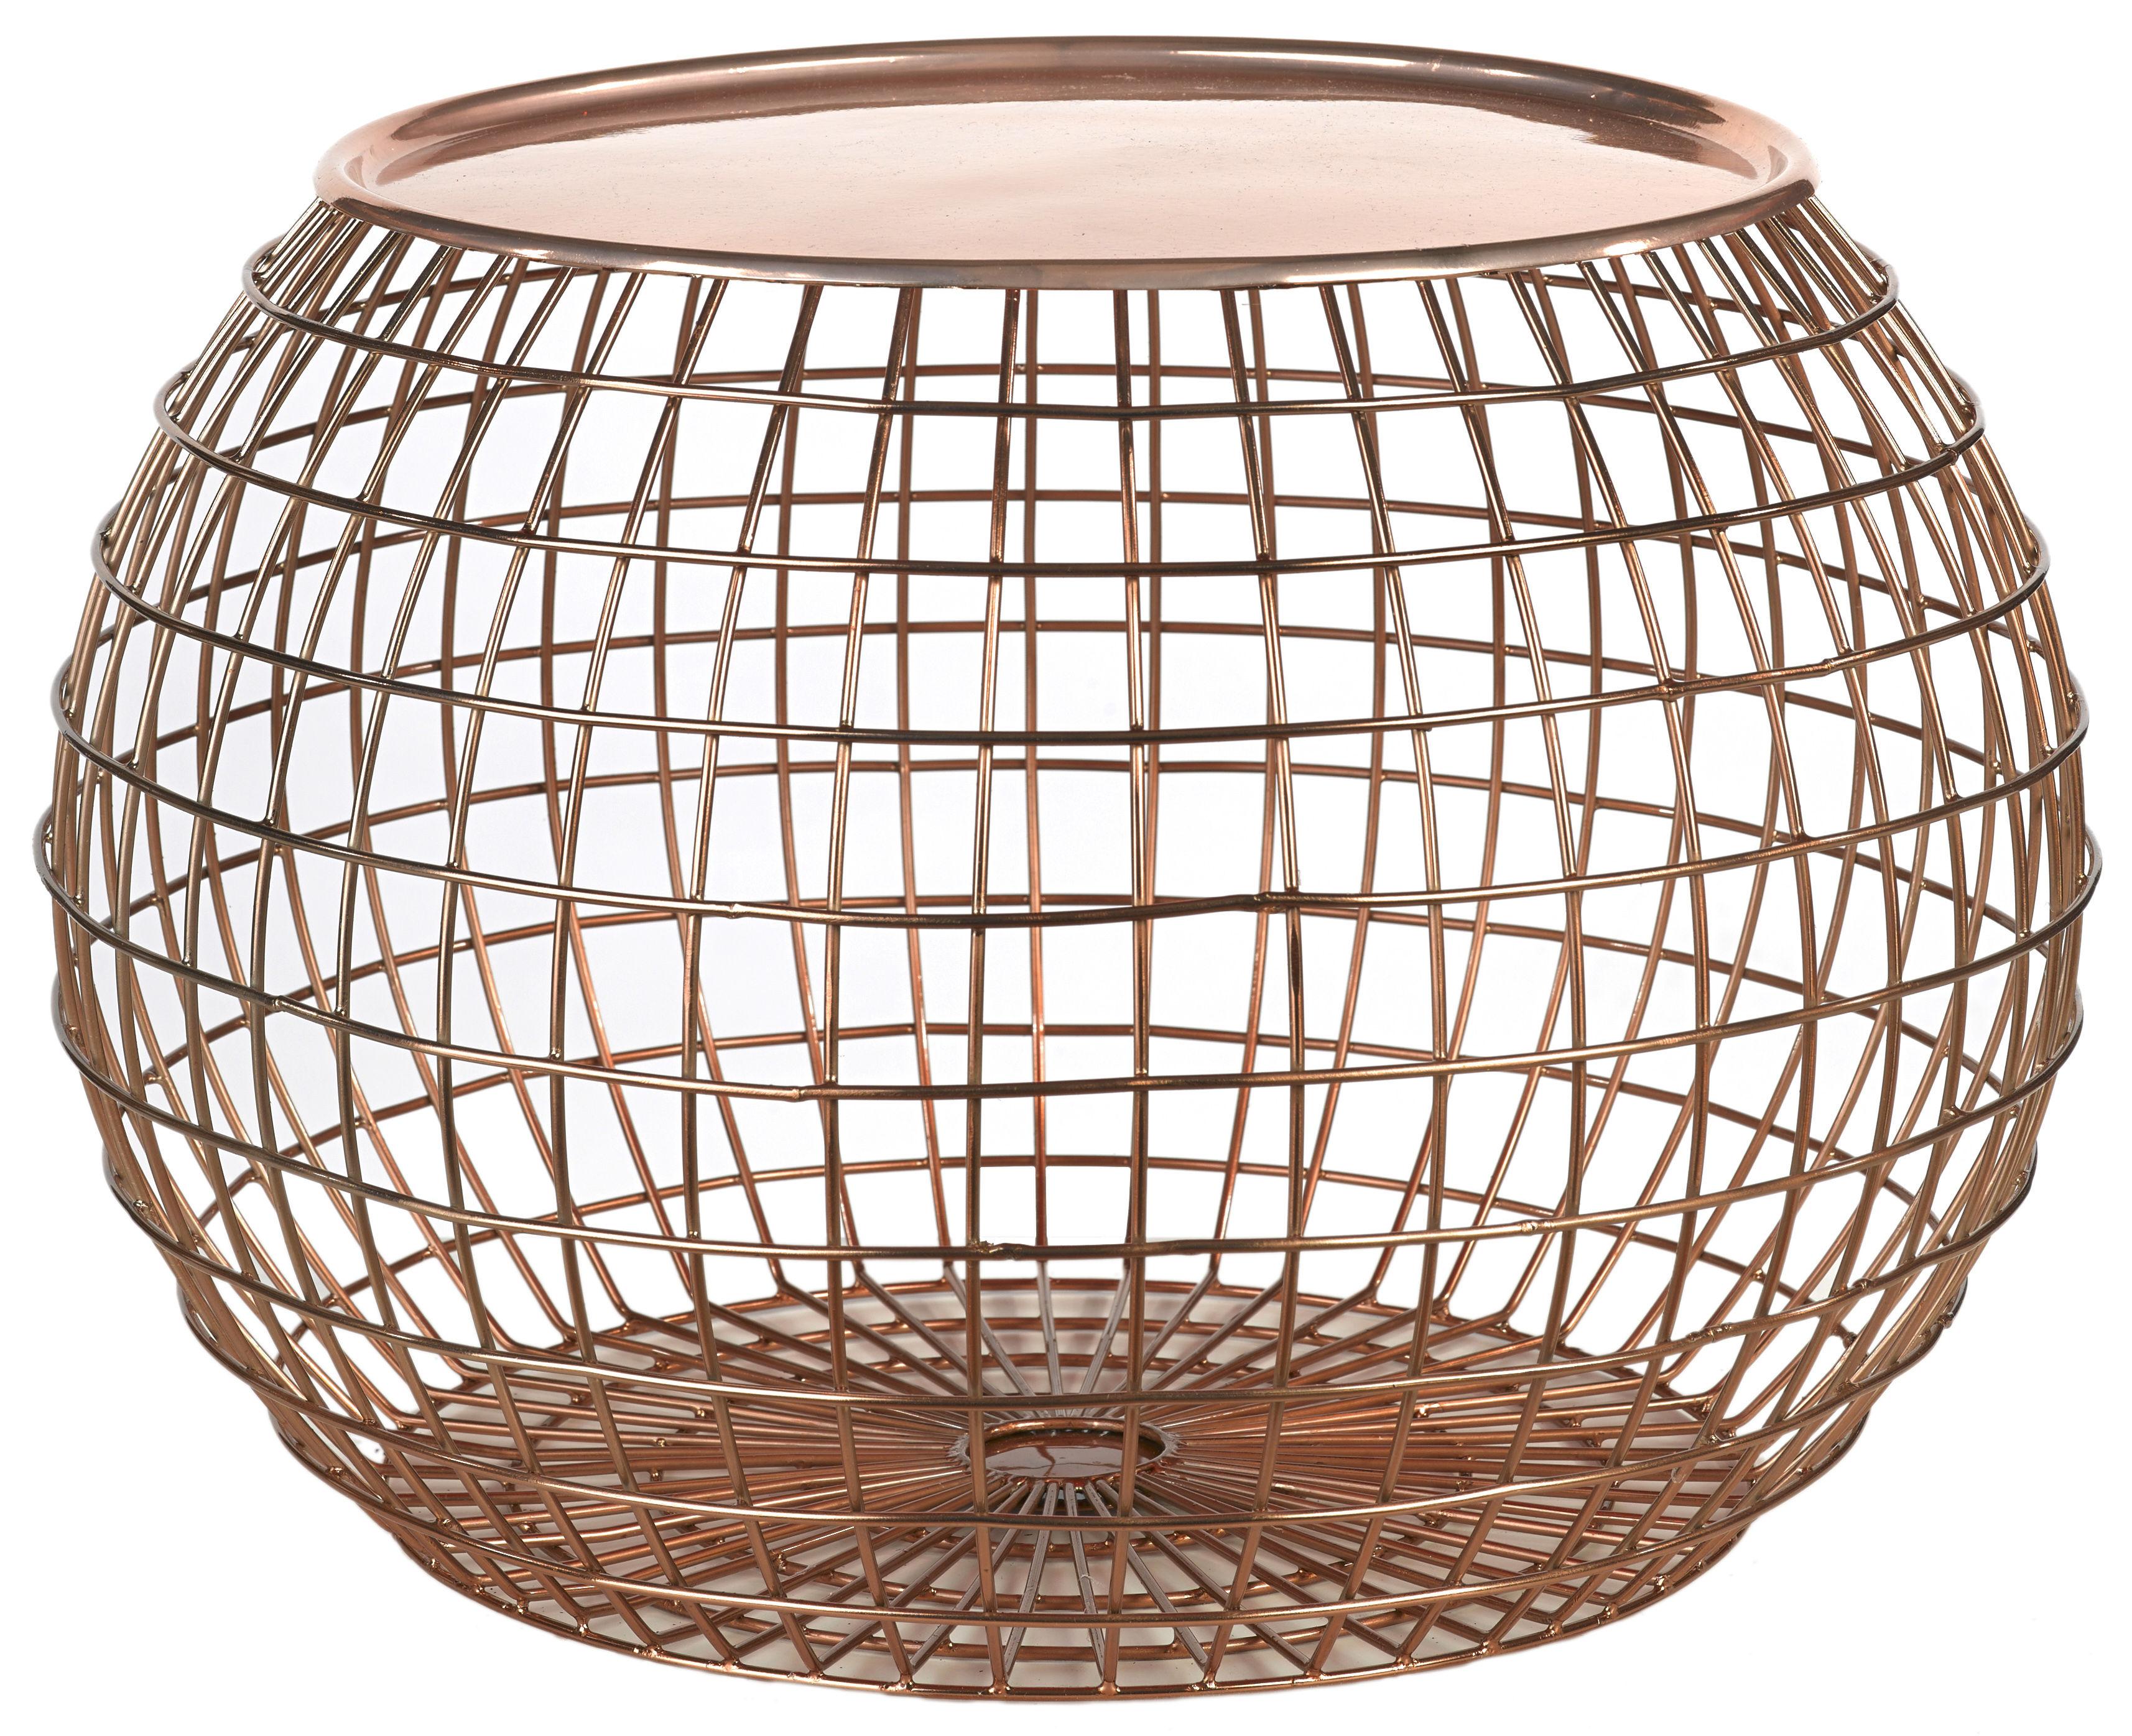 Mobilier - Tables basses - Table basse Ball Wire / Plateau amovible -  Ø 50 x H 32cm - Pols Potten - Cuivre - Fer peint, Fil de fer peint